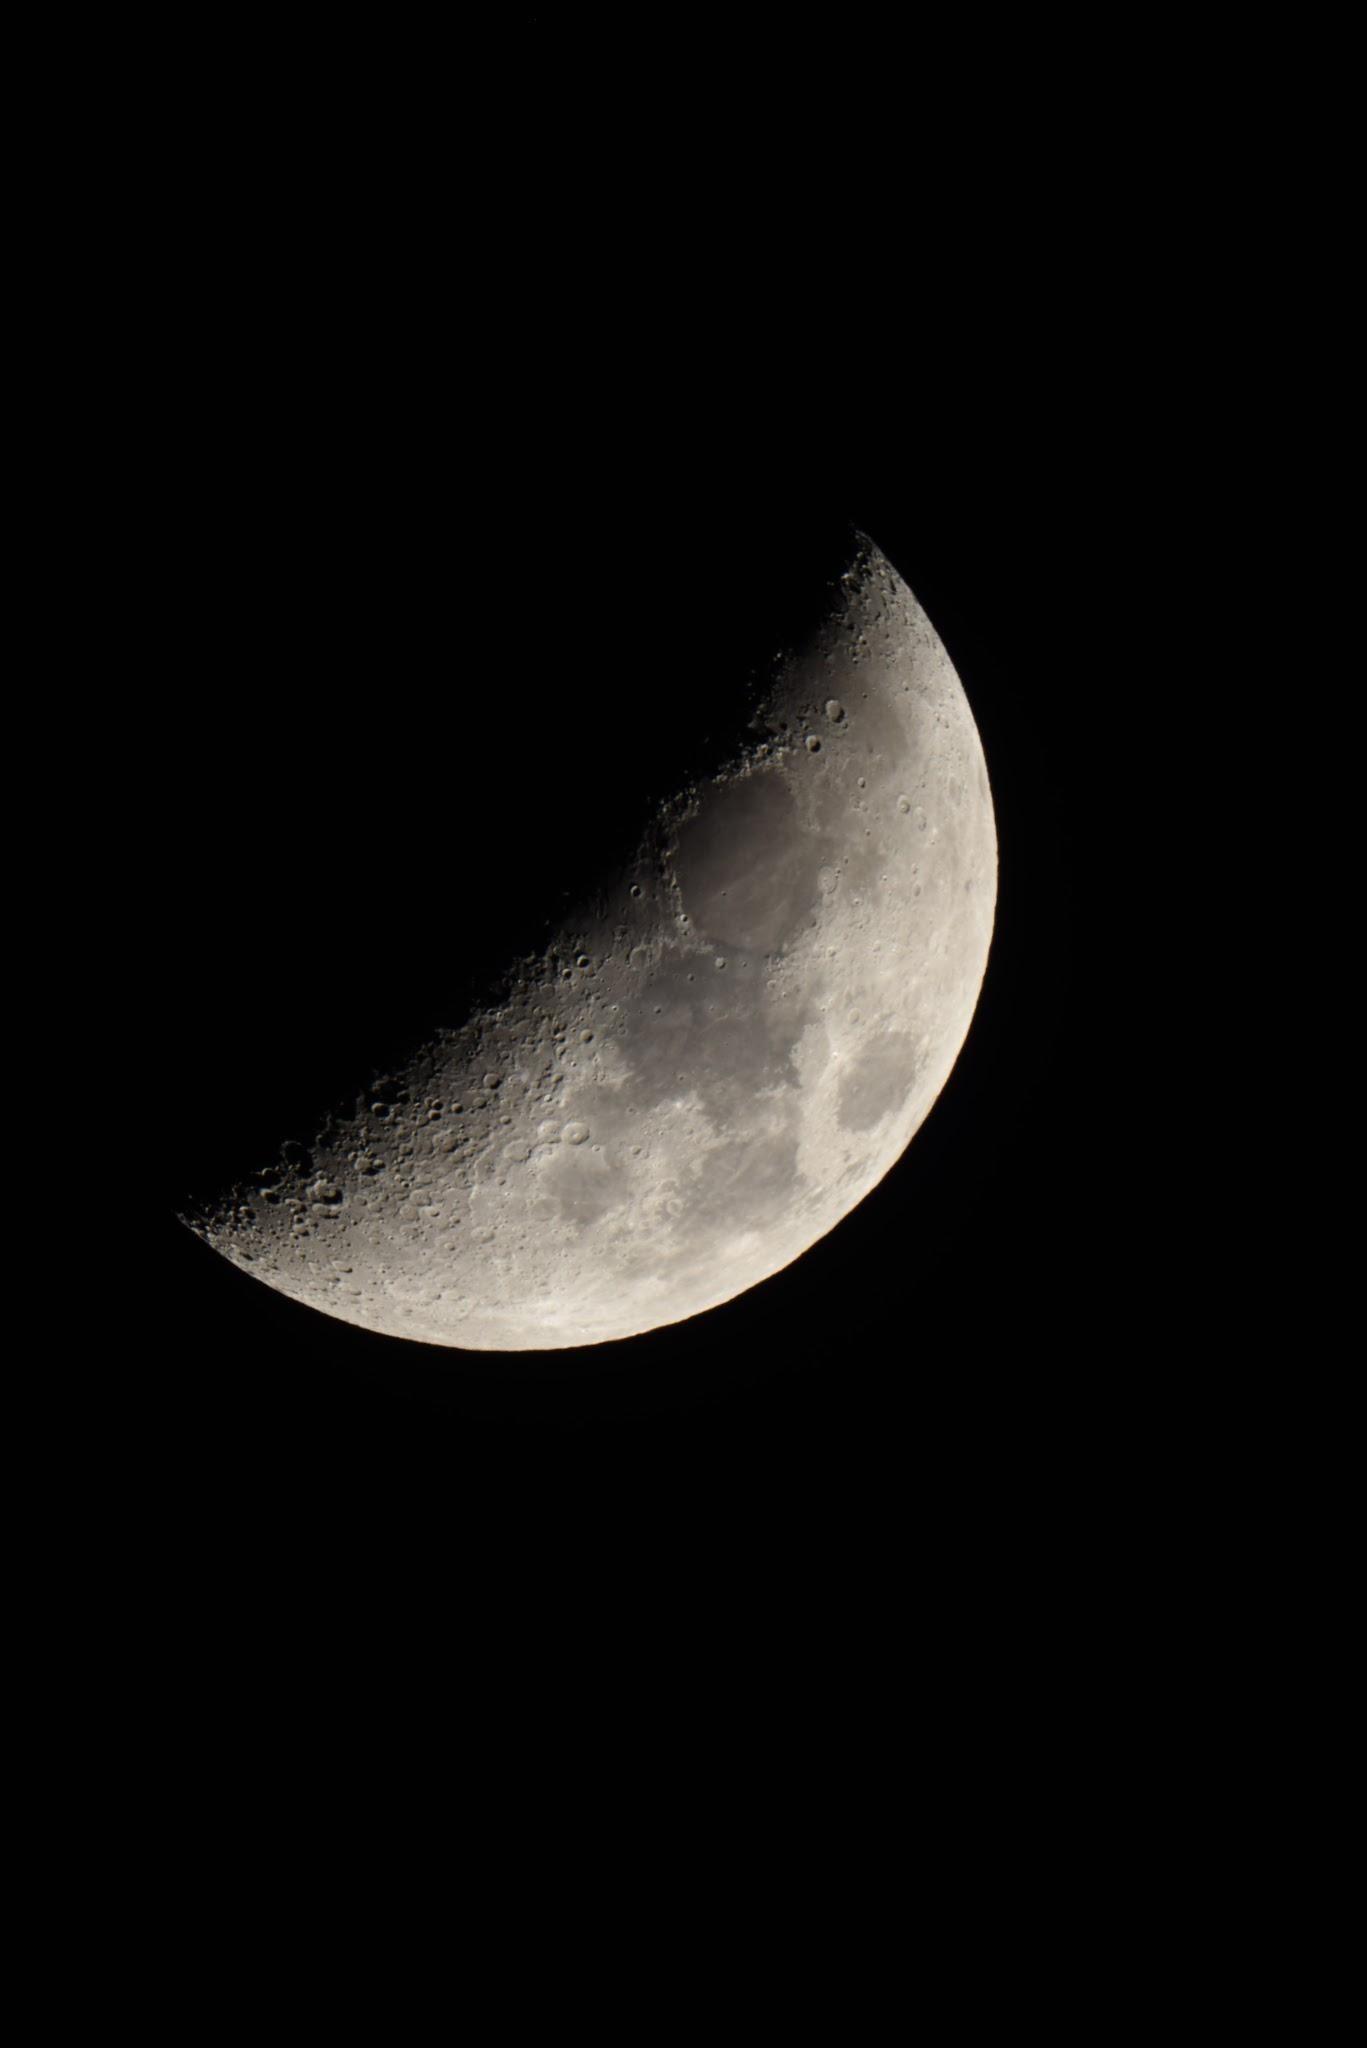 農曆的日子和朔望月相吻合,初七的時候就會出現上弦月。攝影:李昫岱